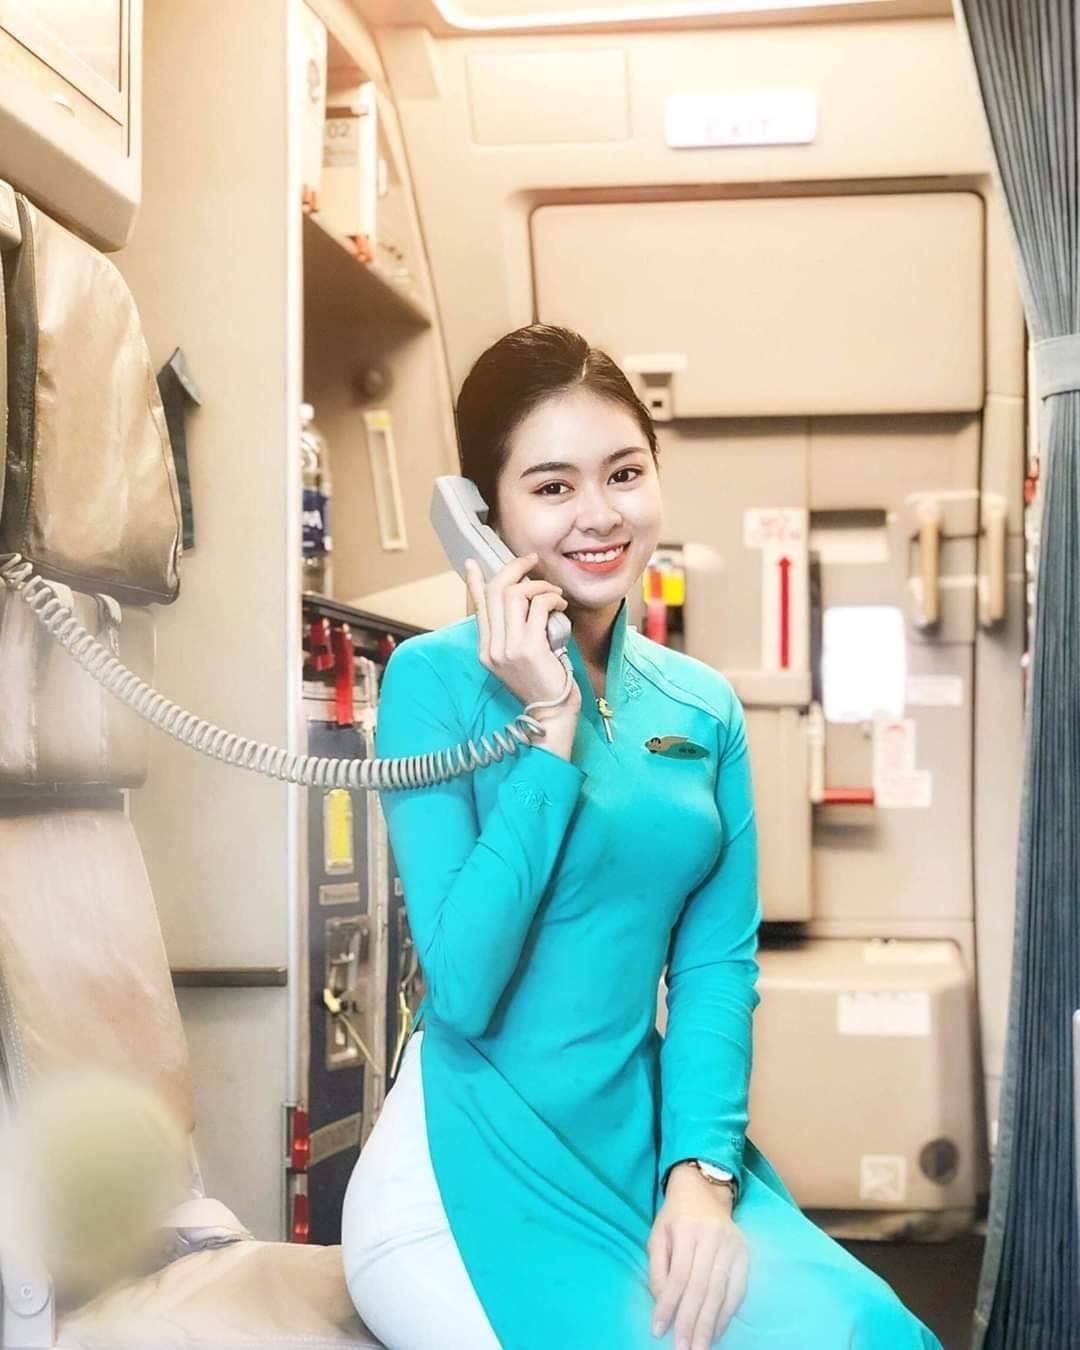 Mê mẩn tiếp viên hàng không đọ nhan sắc 1